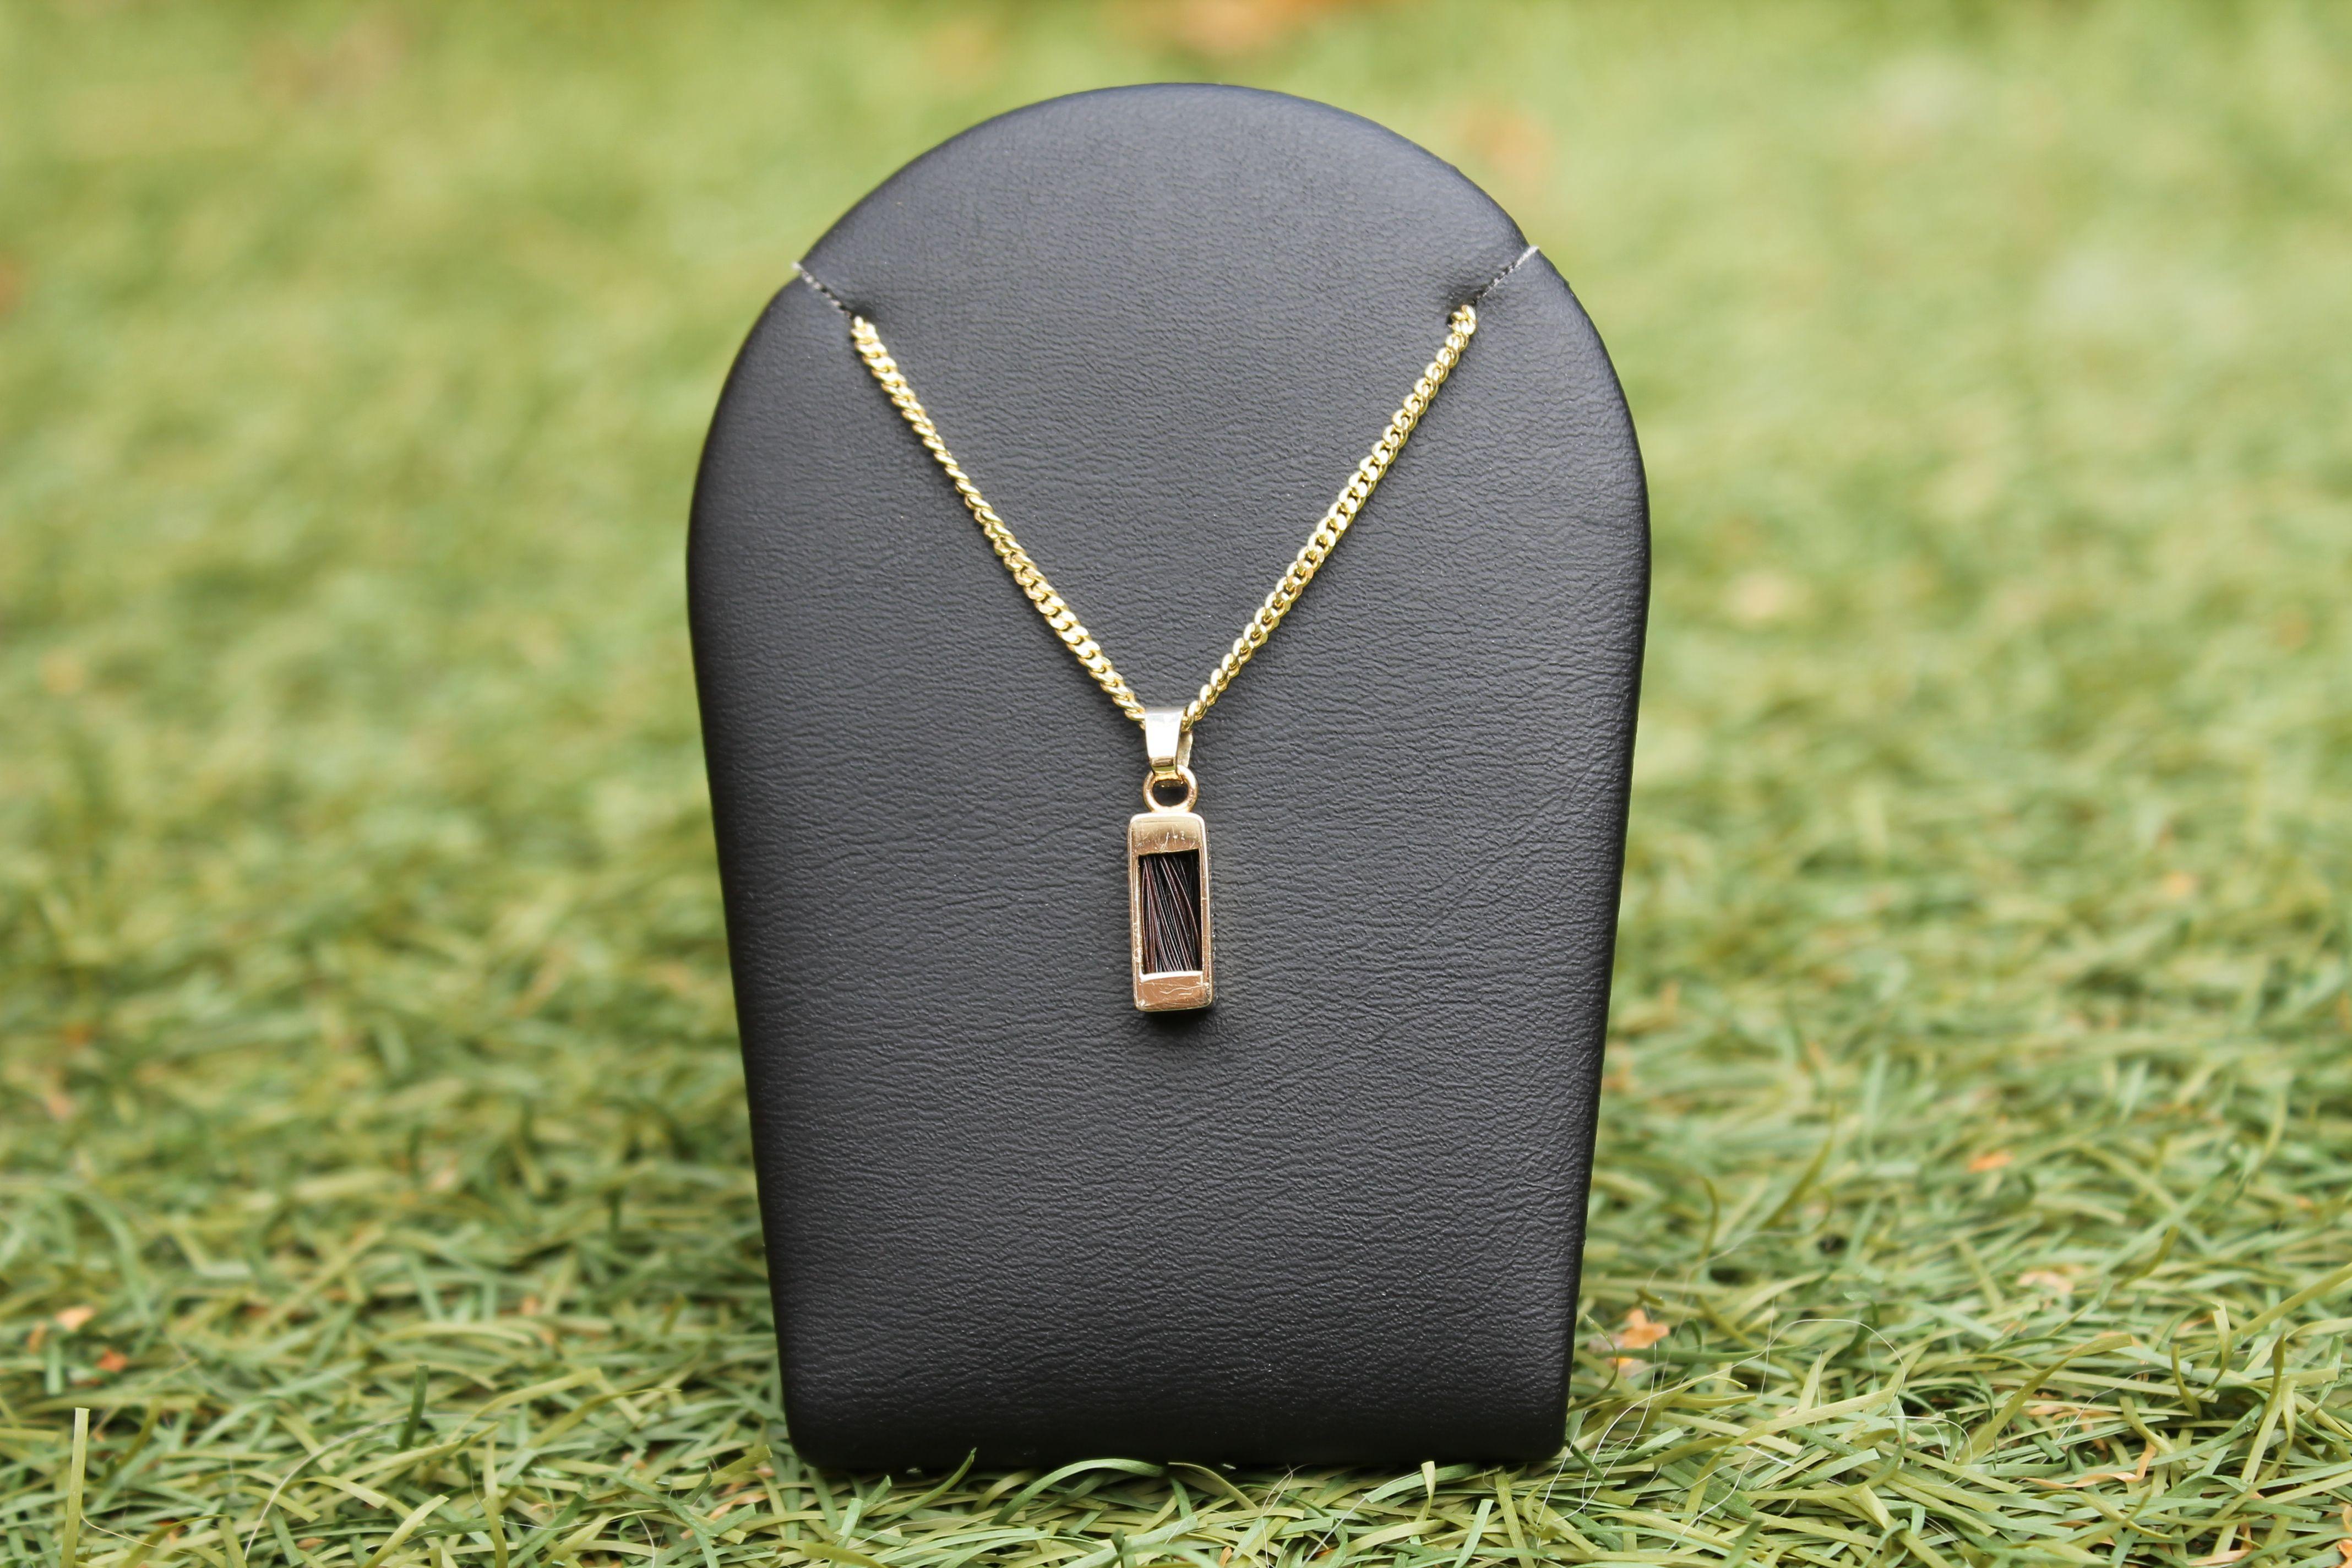 Aviiso sieraden met paardenhaar 14 karaats gouden hanger